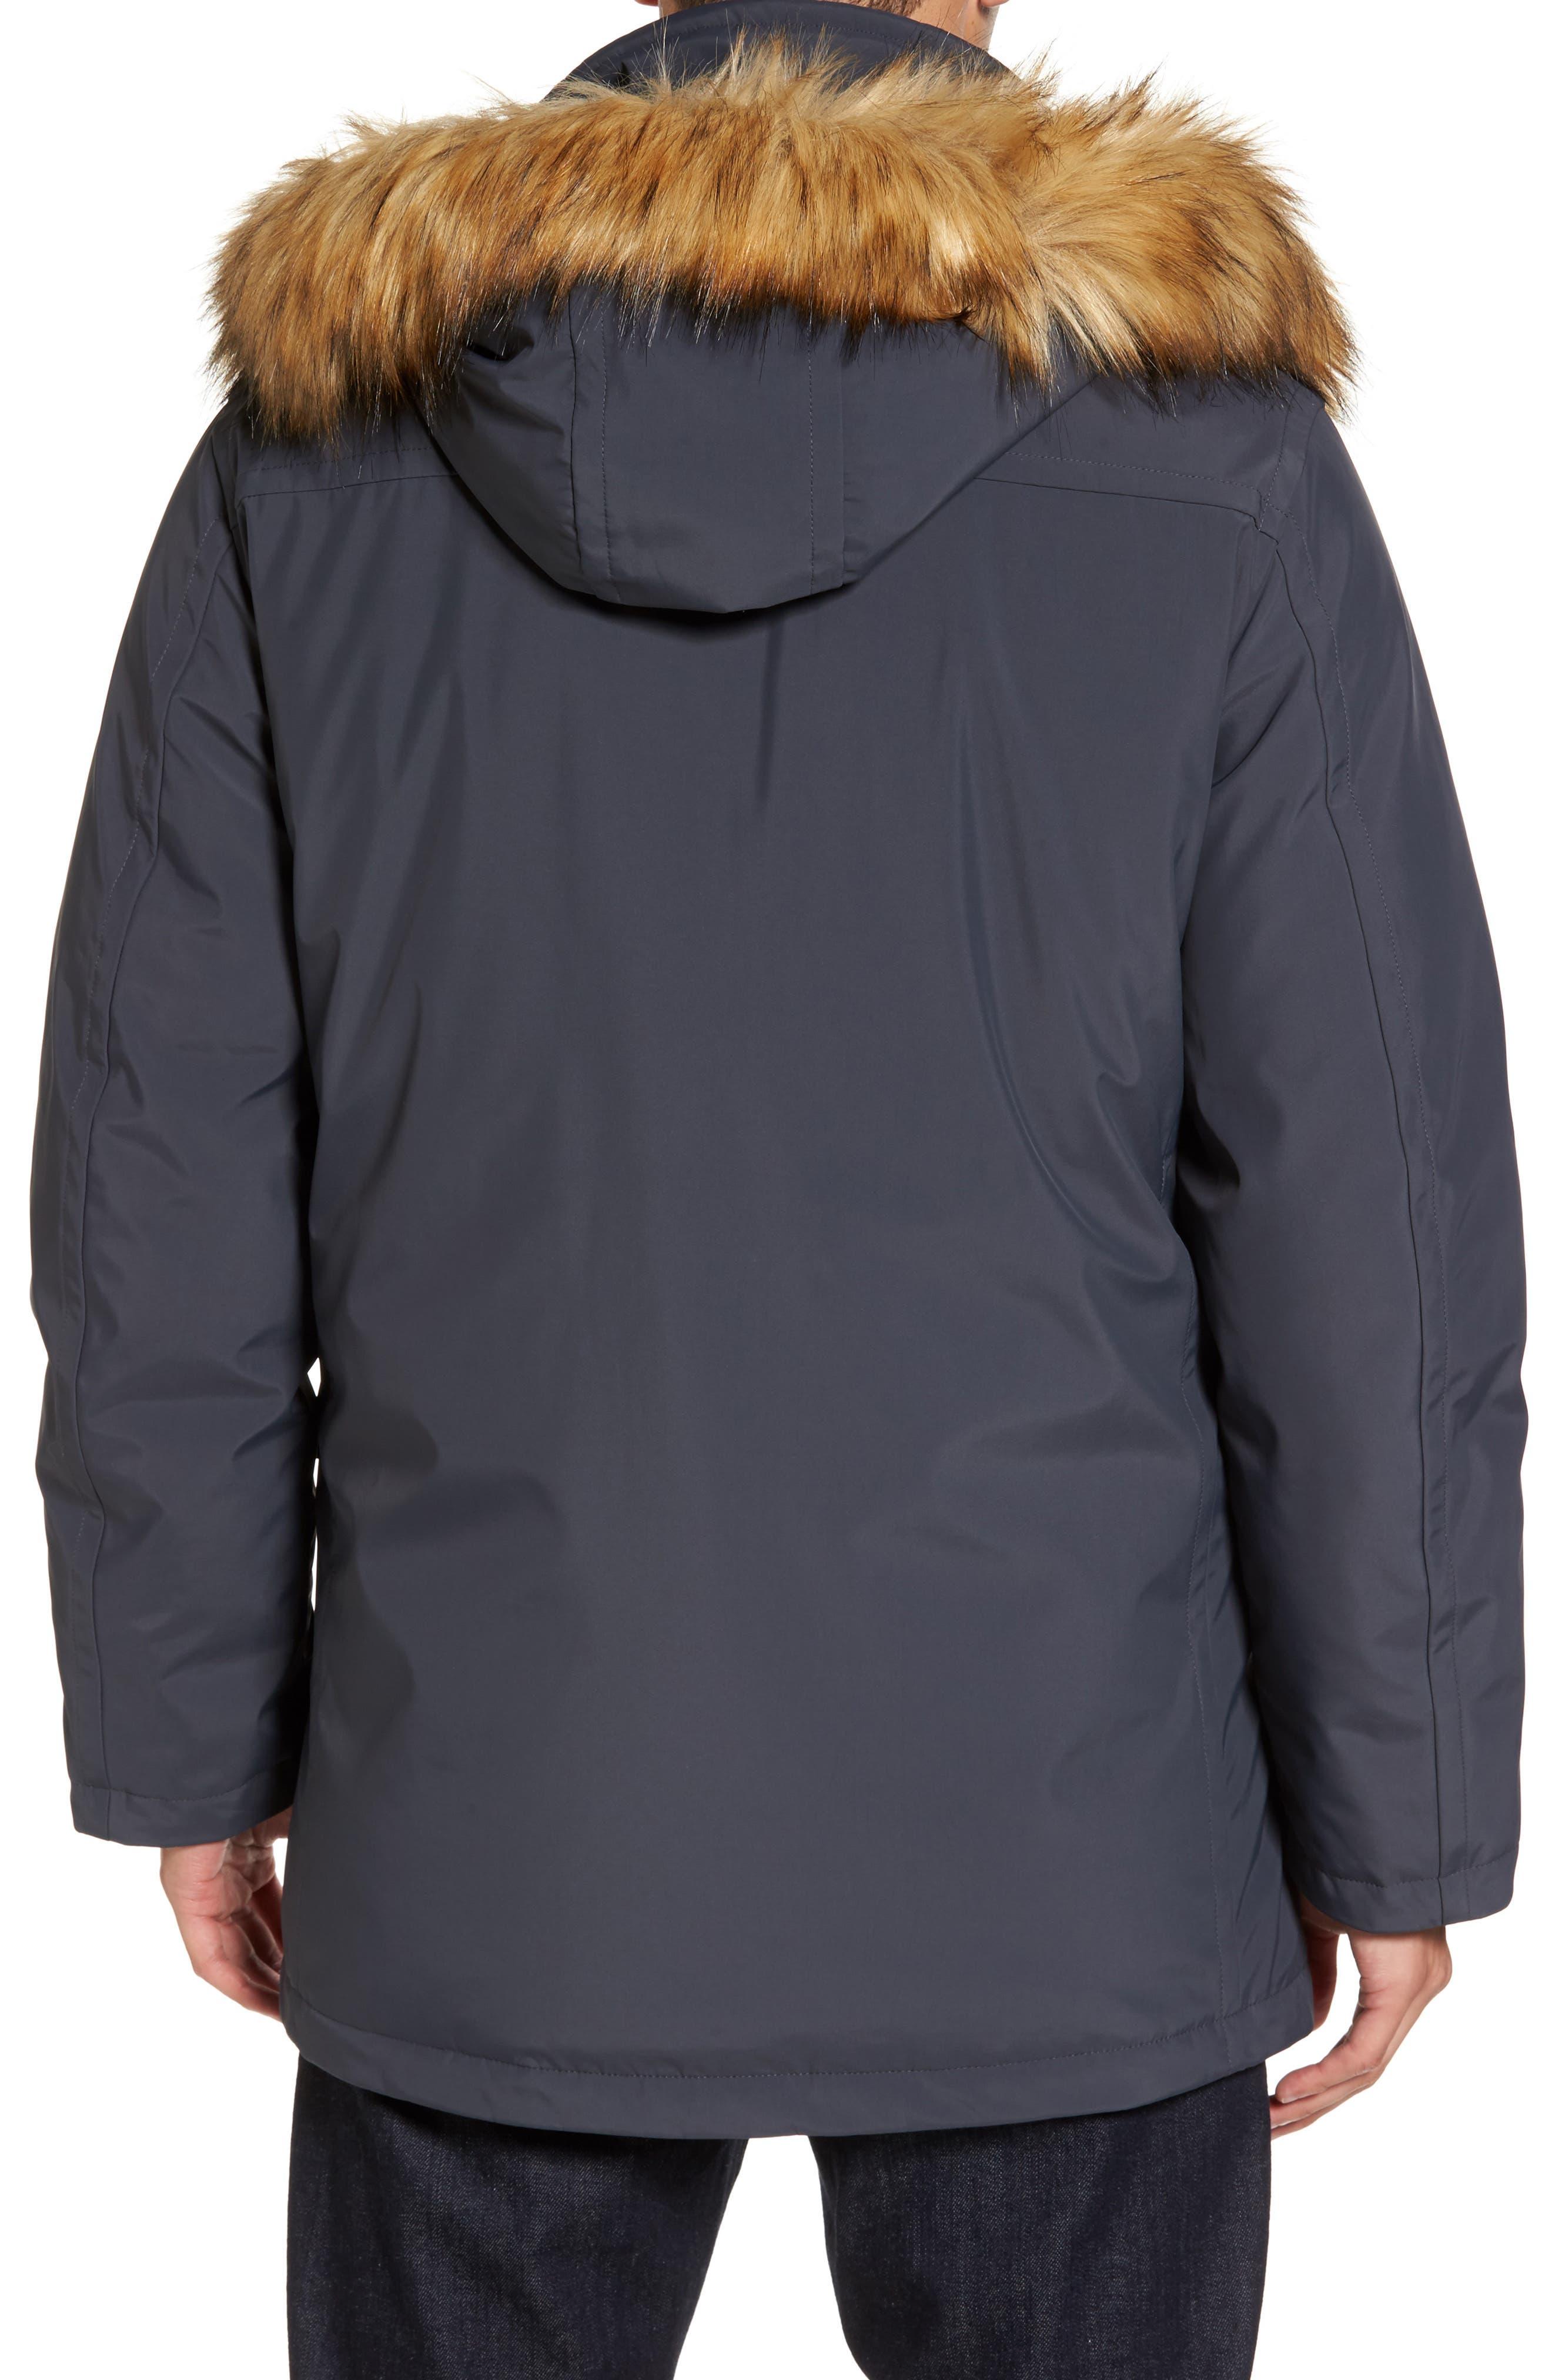 Down Jacket with Faux Fur Trim,                             Alternate thumbnail 2, color,                             Magnet